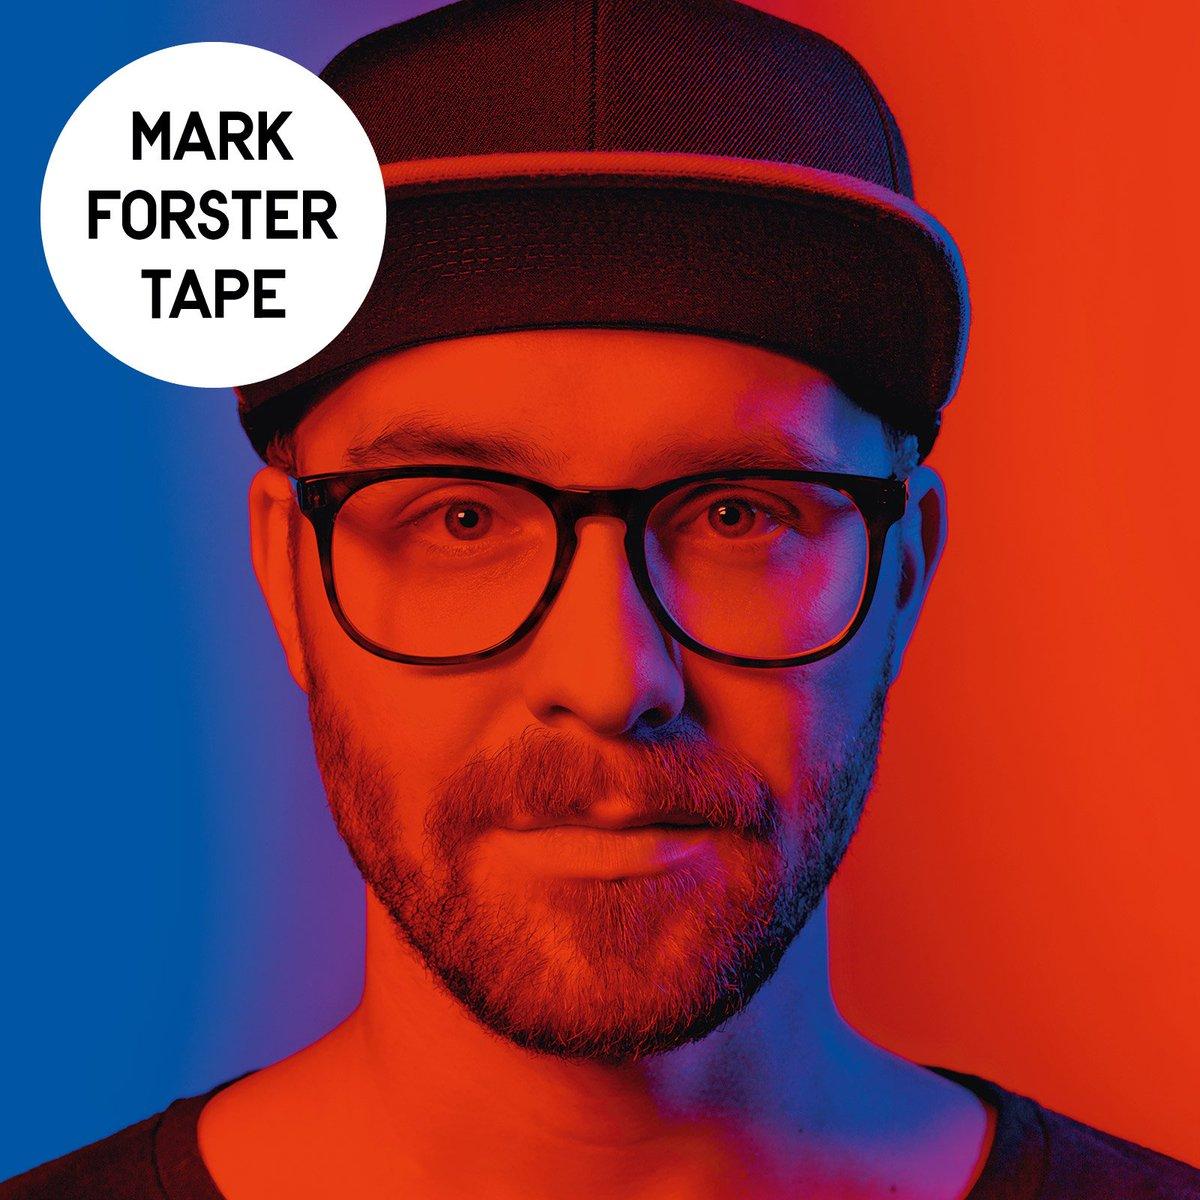 Das neue Album von Mark Forster heißt »Tape« und kommt am 03.06. https://t.co/Gj4mi8nIiB   https://t.co/lwPc0sLOa6 https://t.co/Fvs2FRmxTa